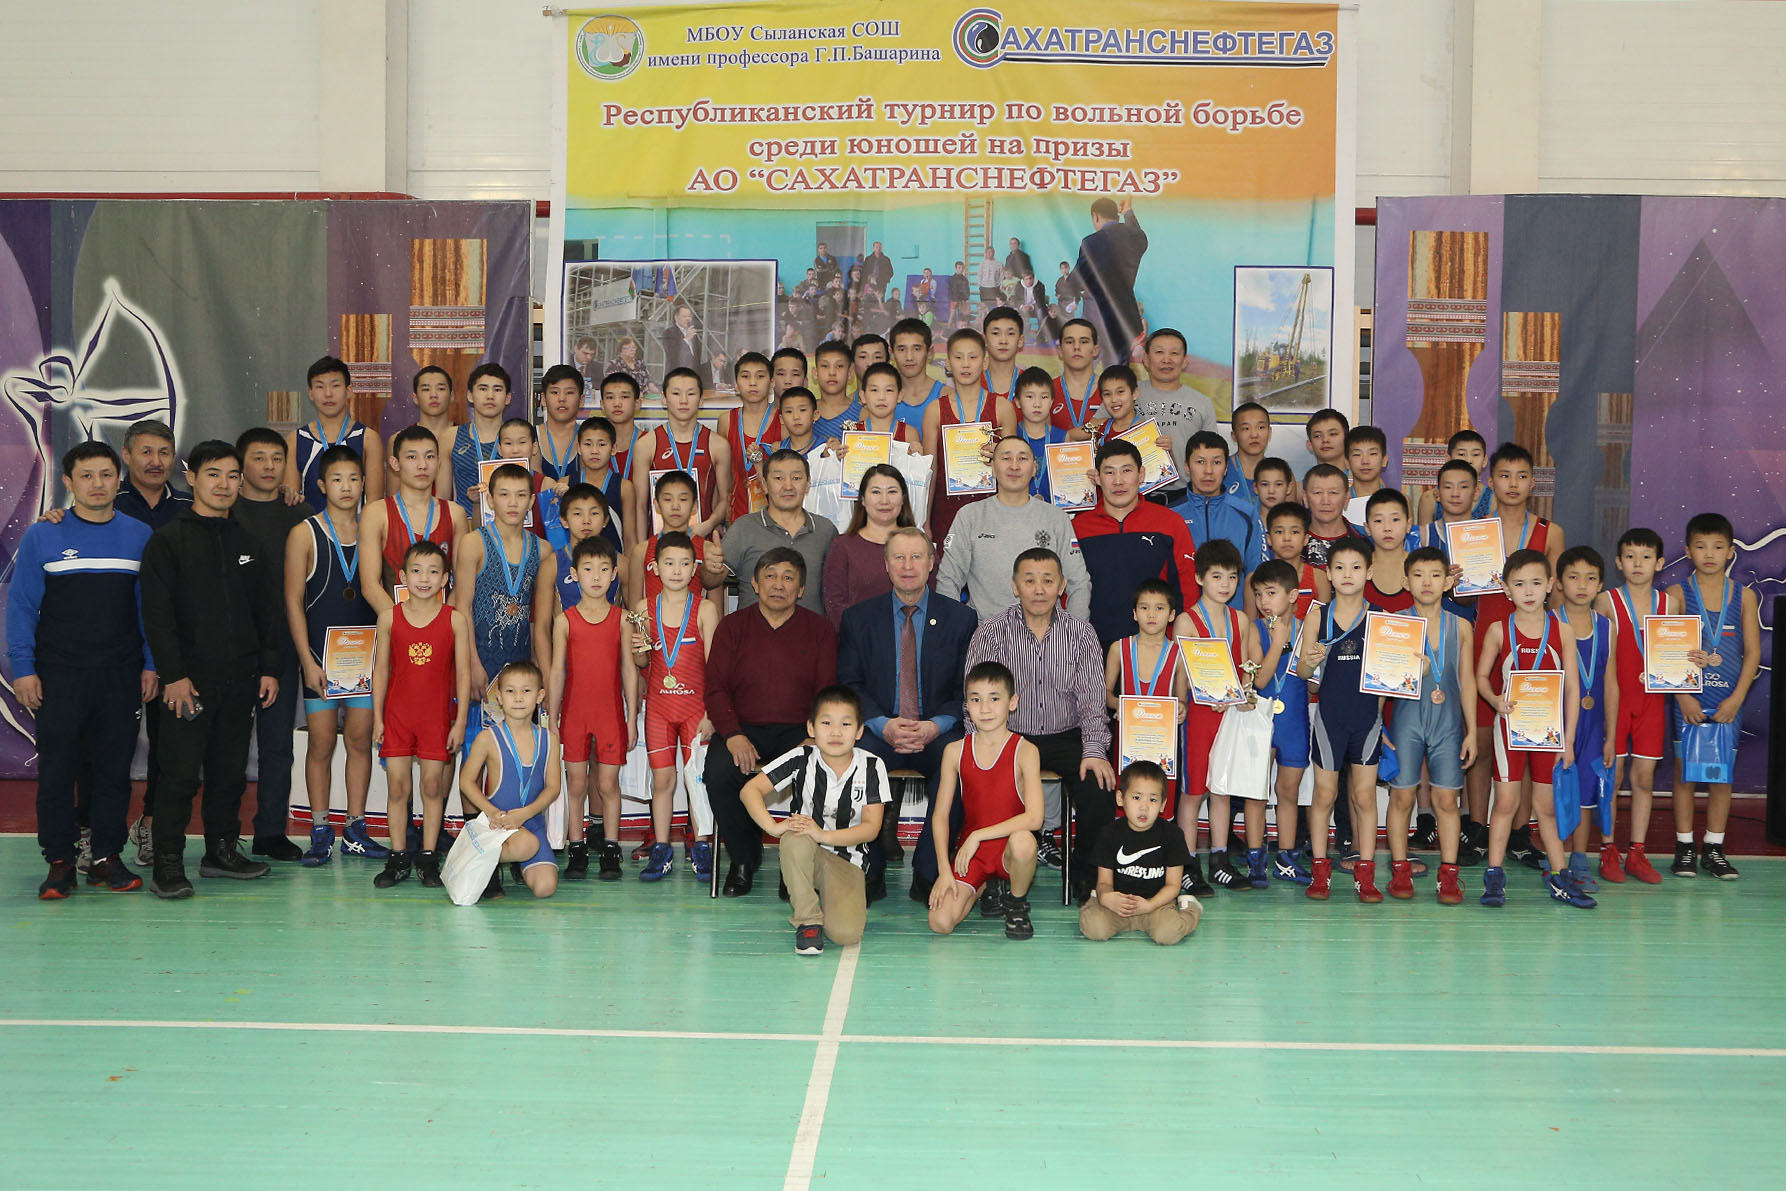 Состоялся III Республиканский турнир по вольной борьбе среди юношей на призы АО «Сахатранснефтегаз»